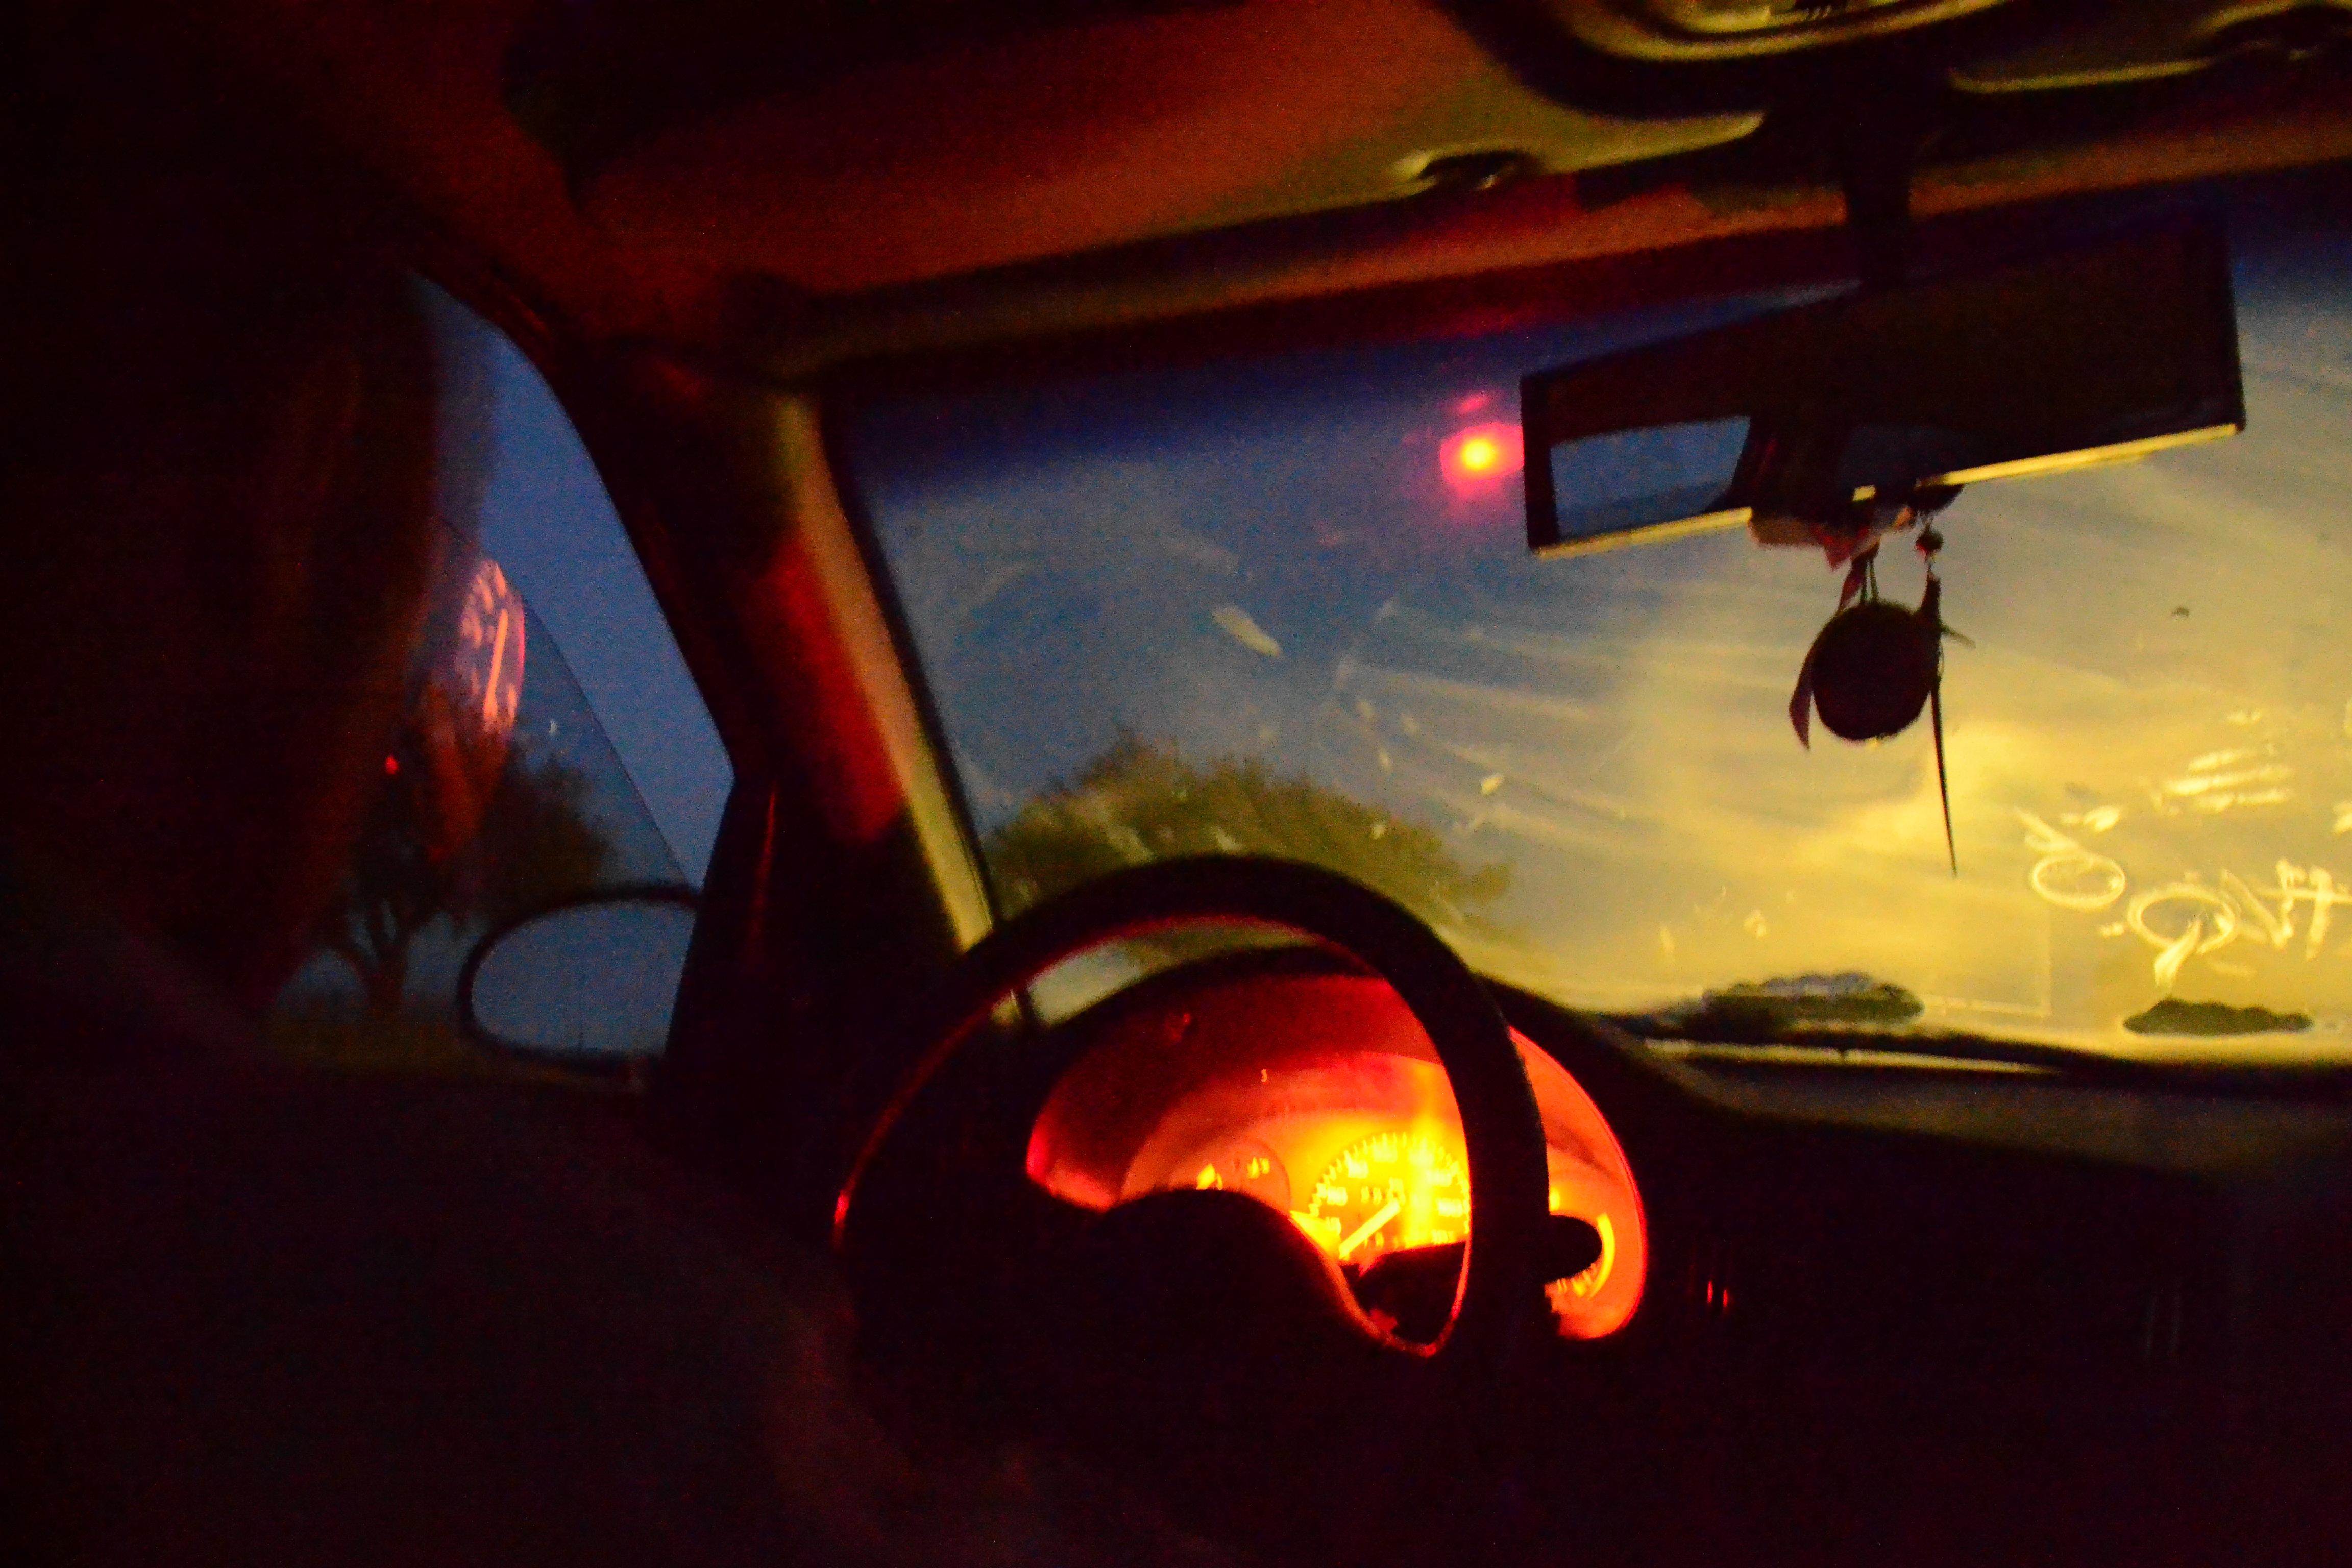 BA 219 - Drive